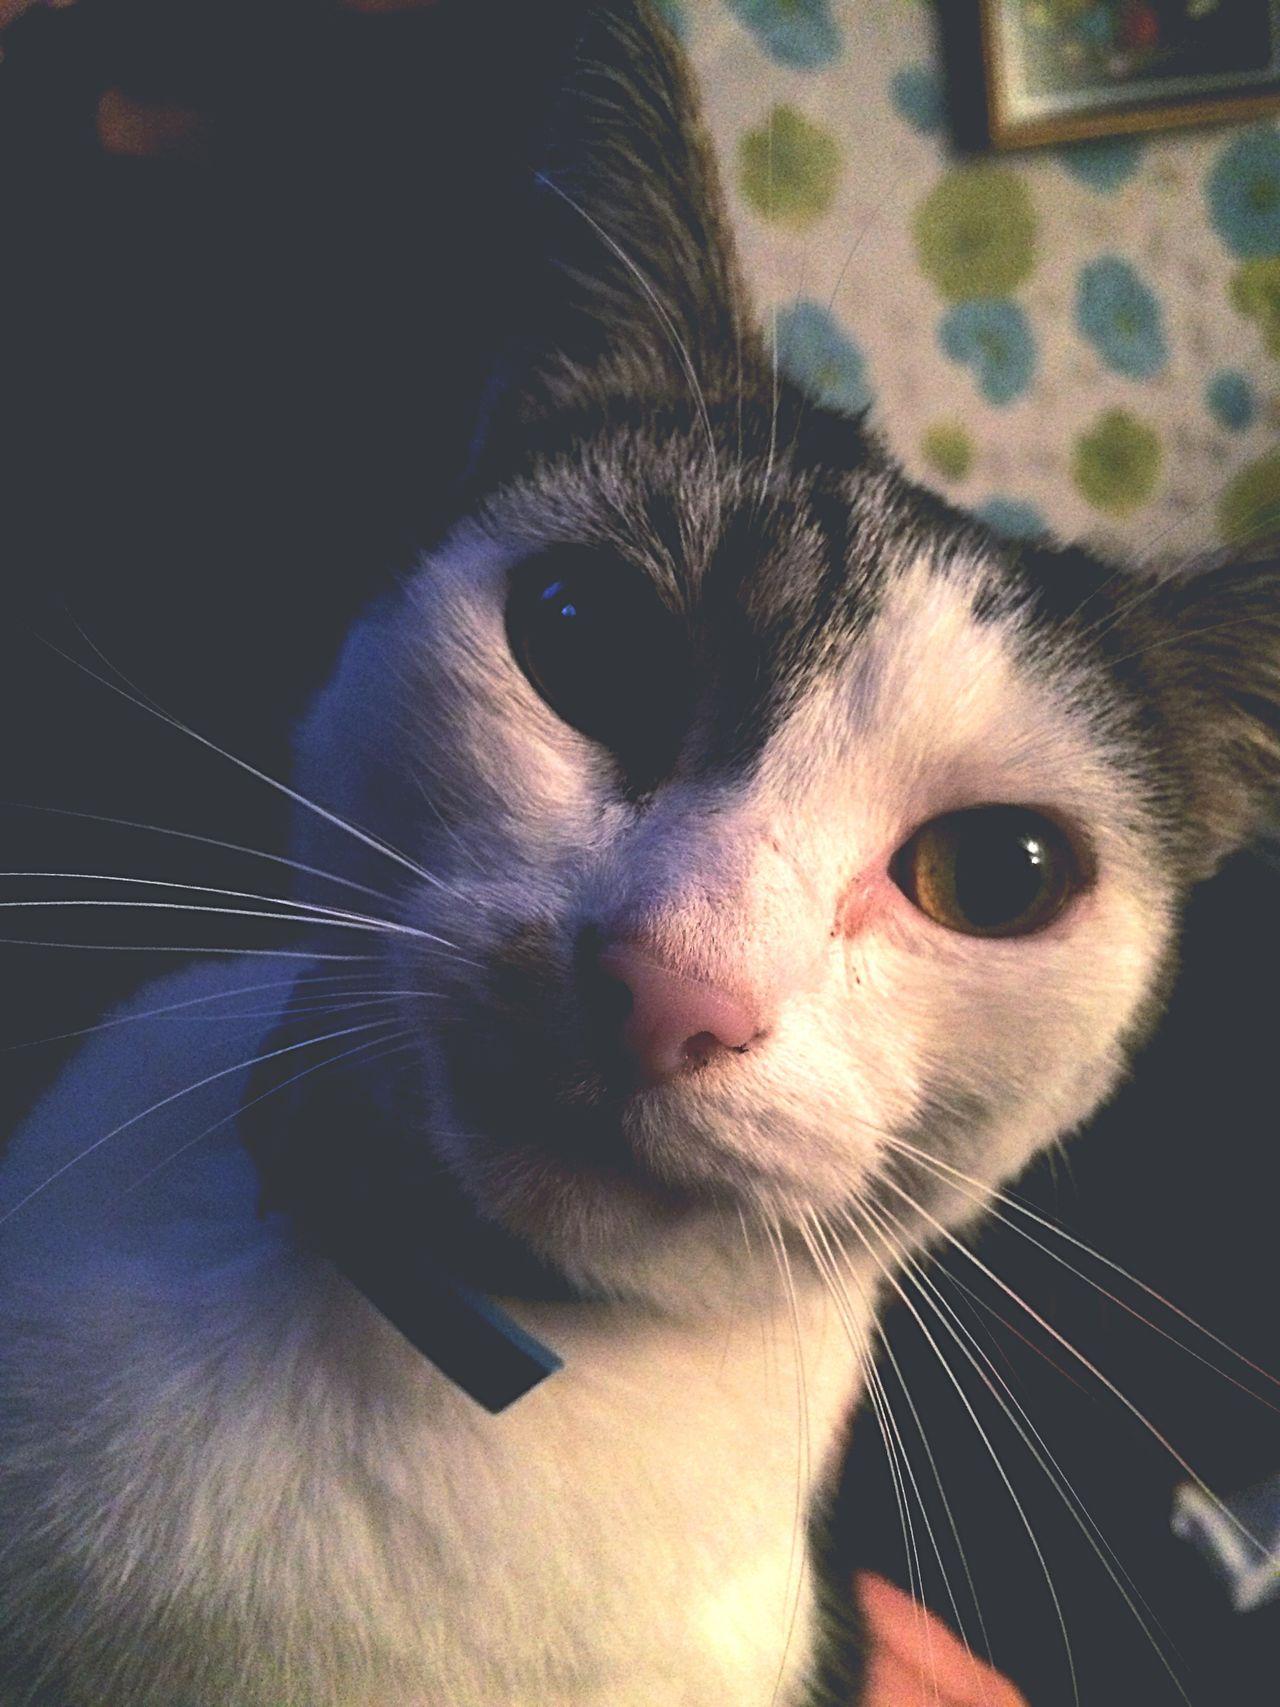 9/2/17 Cat Friend Feline Selfie✌ Pussycat Meow🐱 Meow Purrrrrrfect